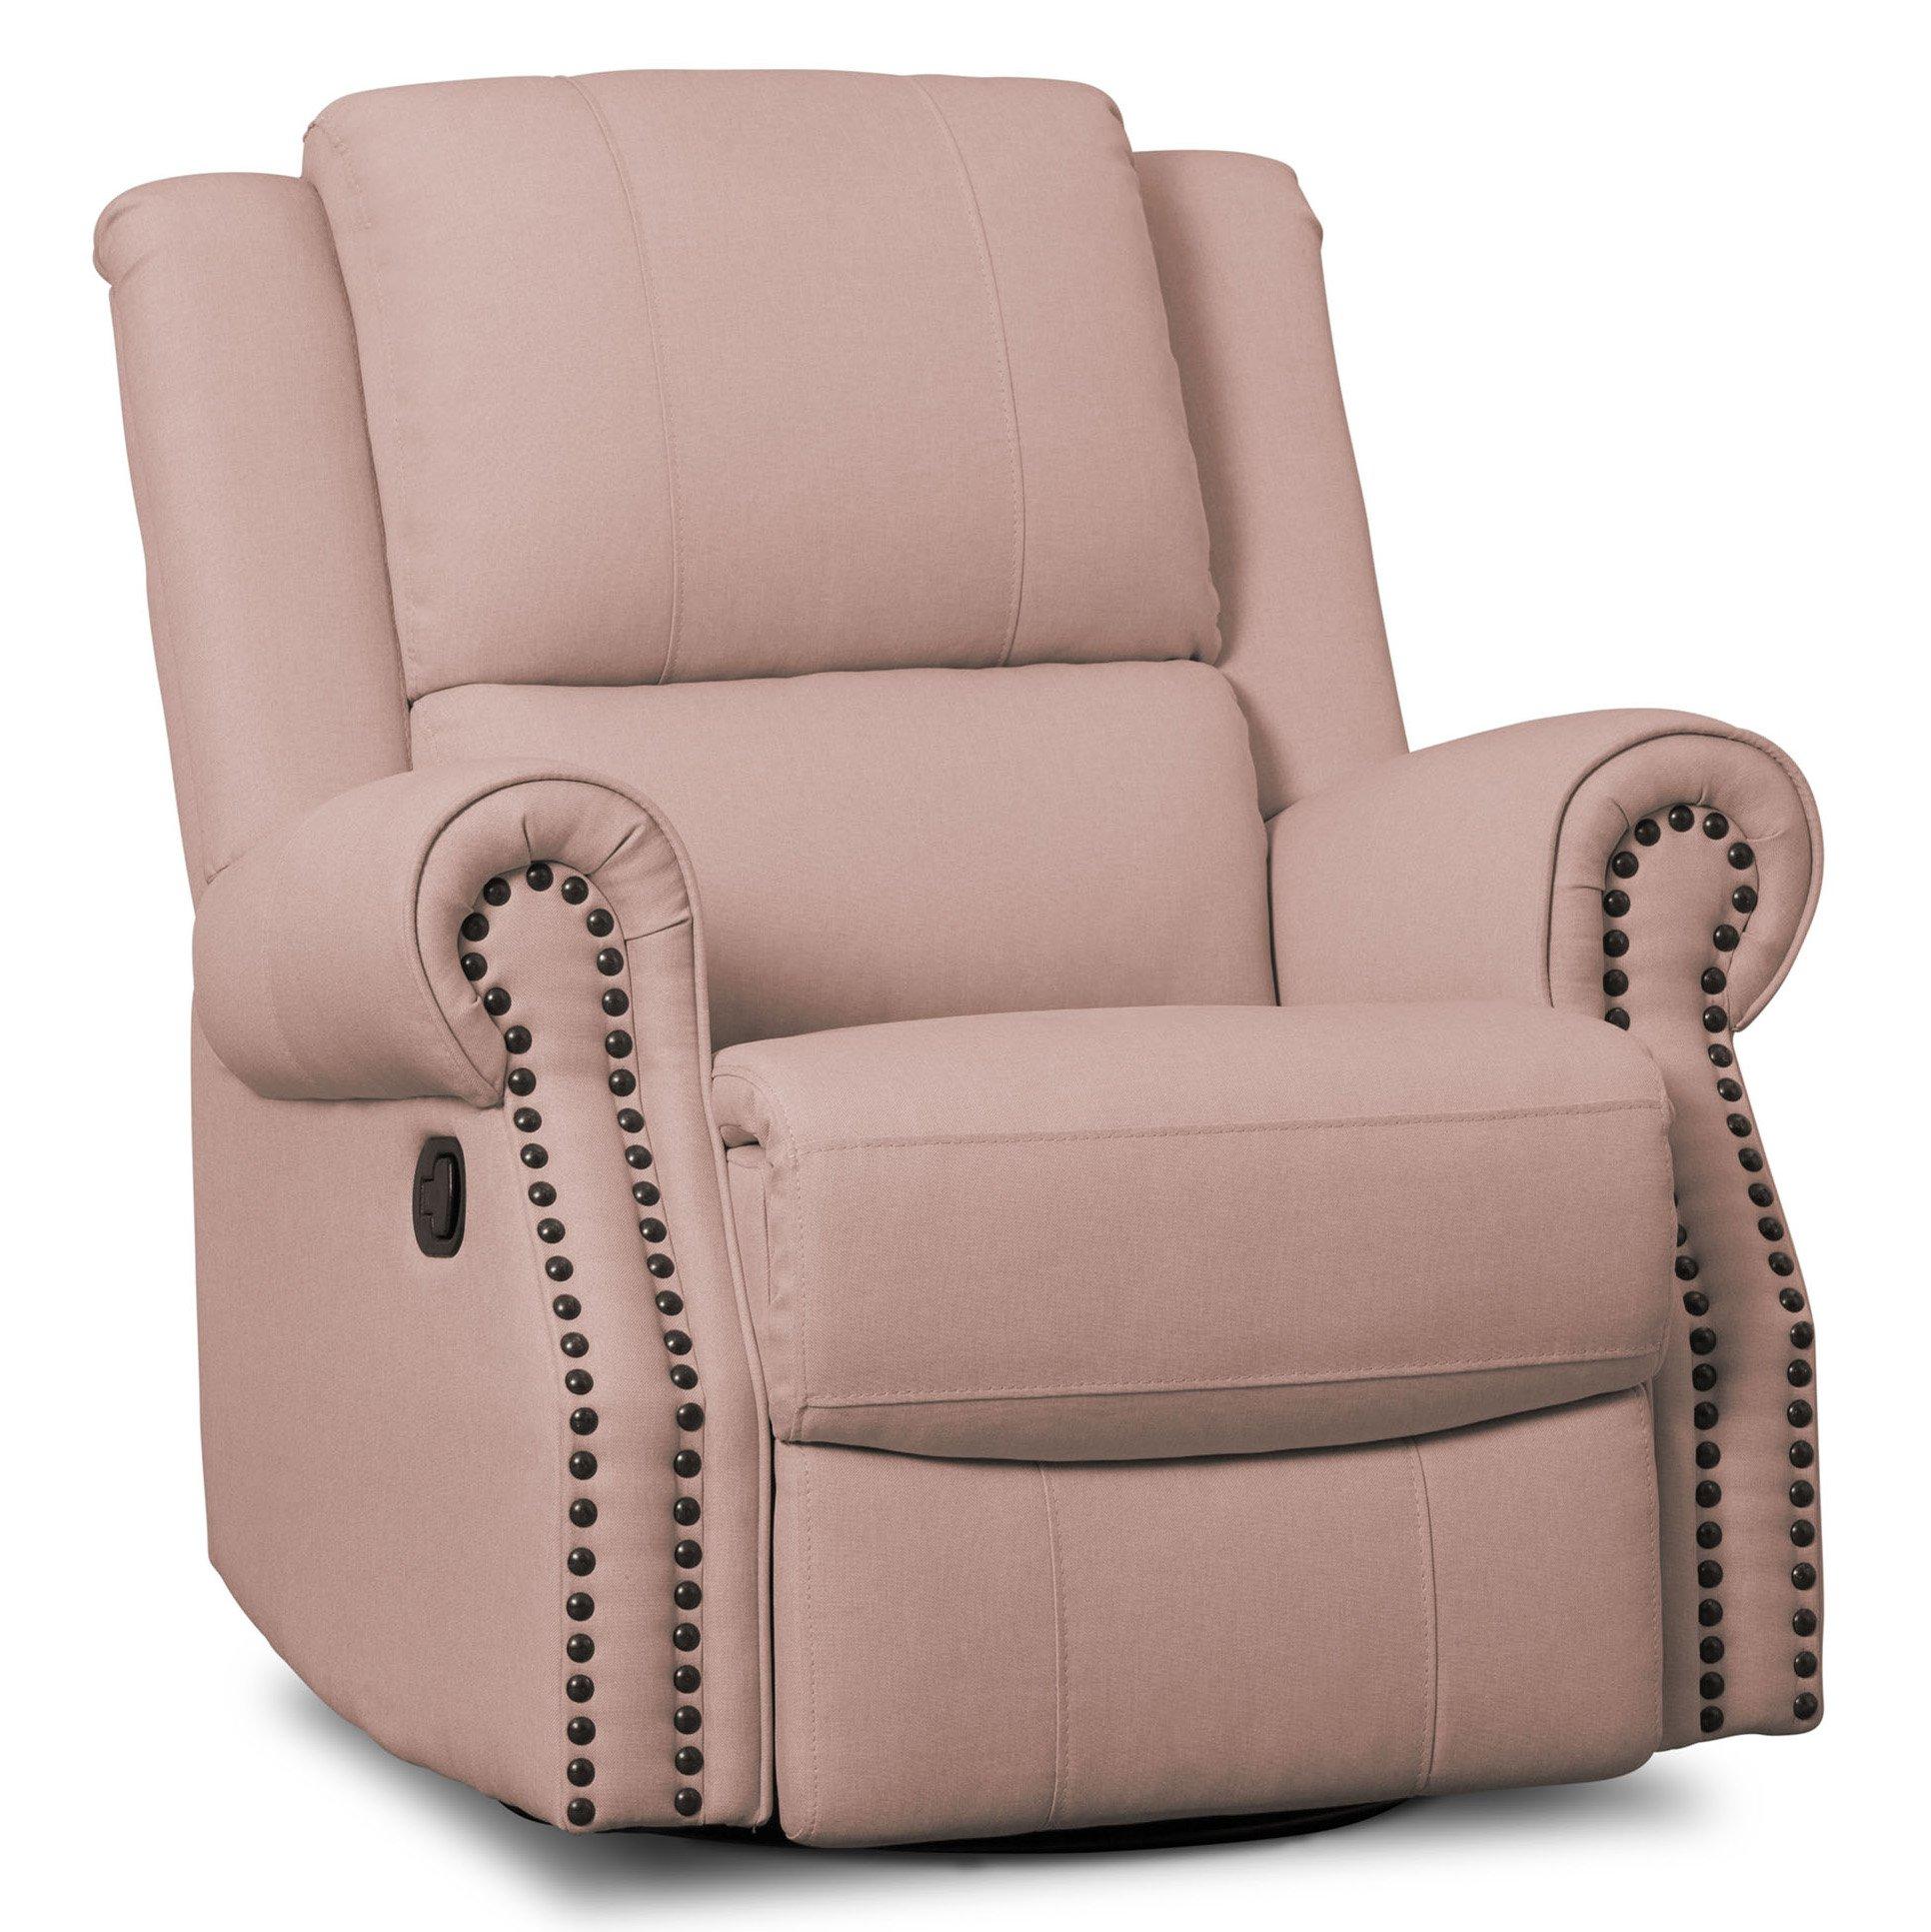 Delta Children Dylan Nursery Recliner Glider Swivel Chair, Blush by Delta Children